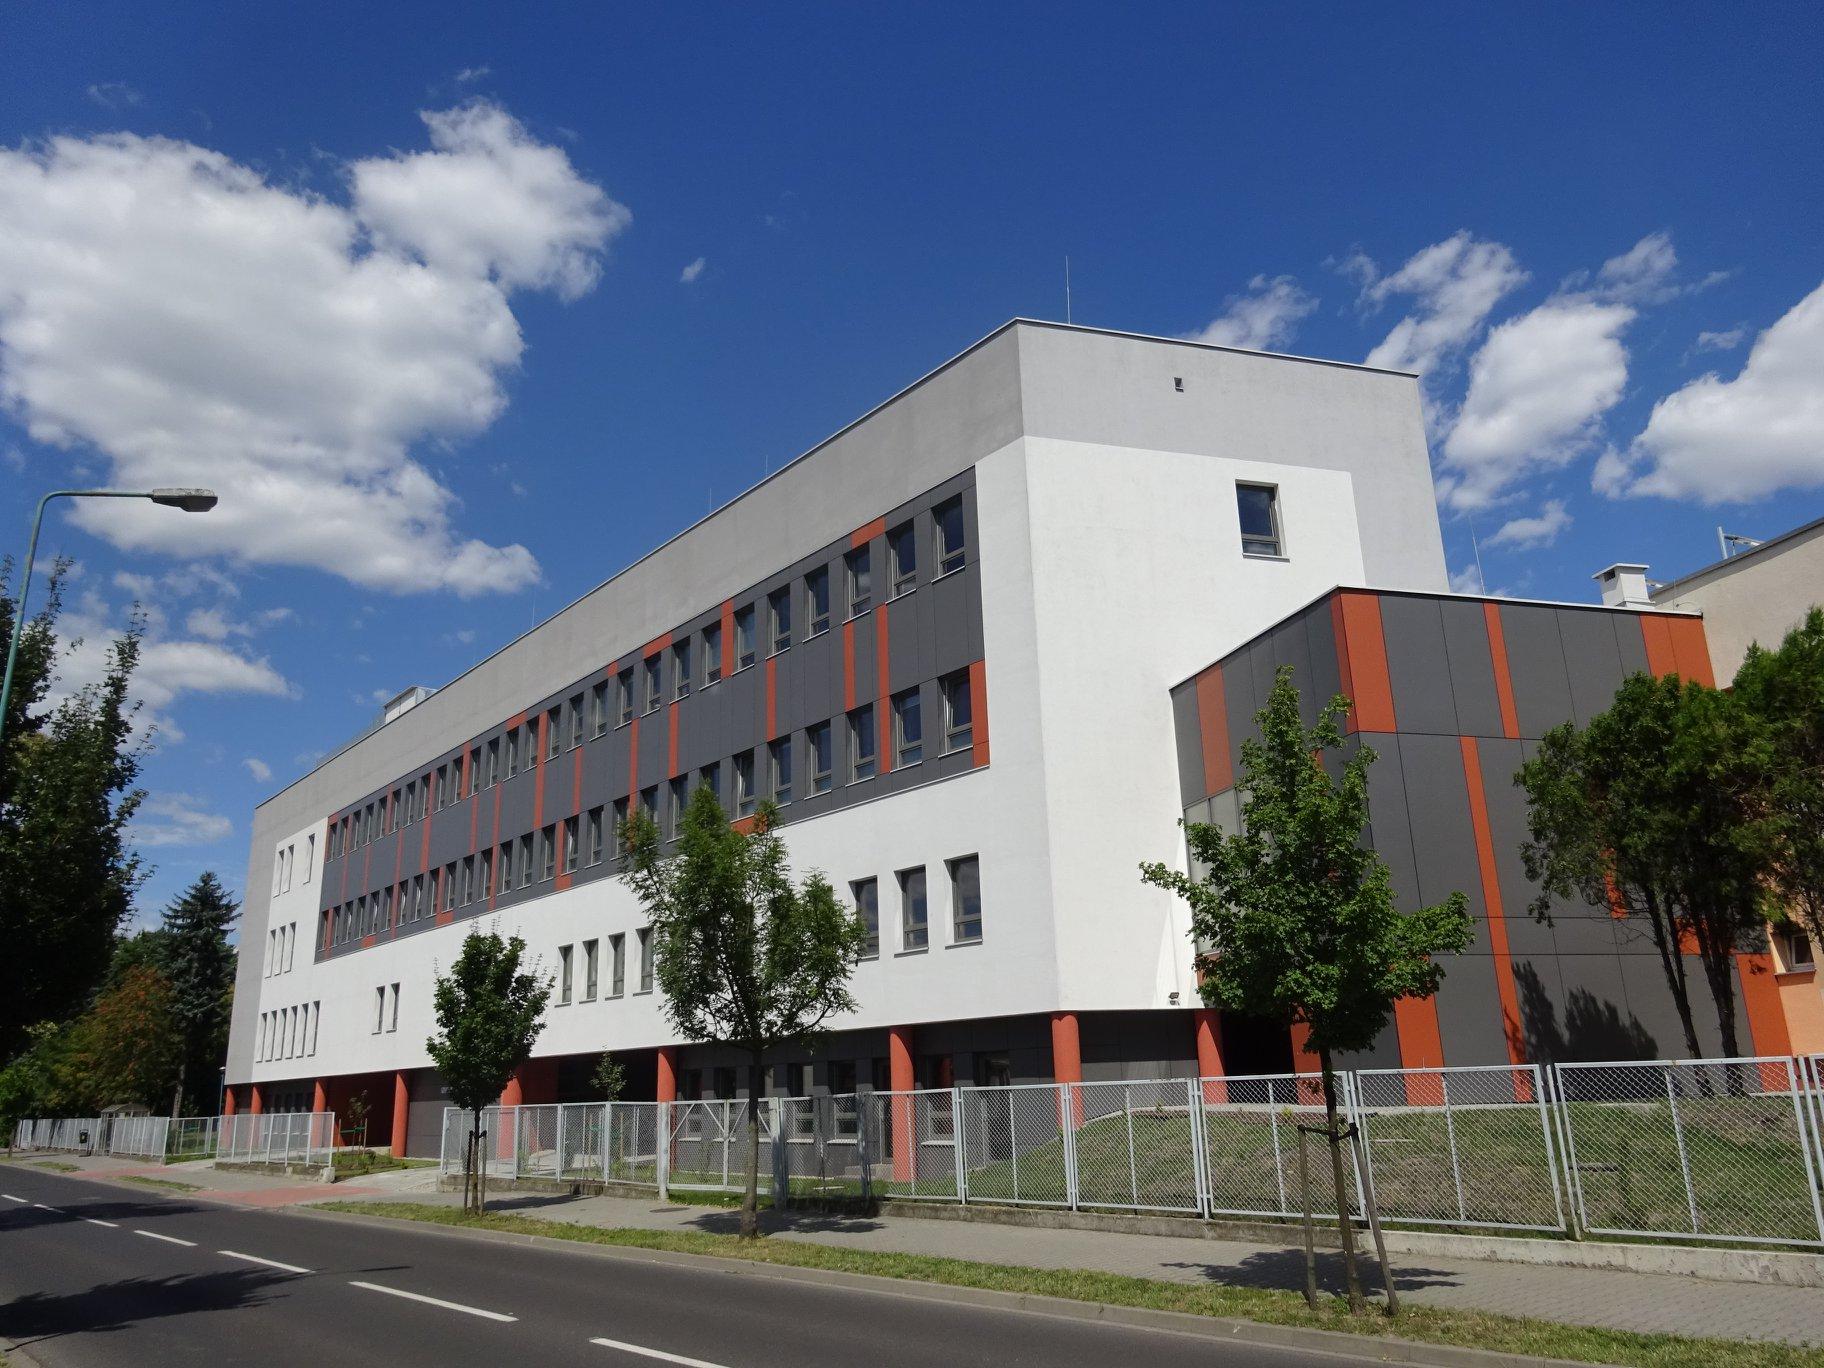 Szpital Wolsztyn - SPZOZ w Wolsztynie